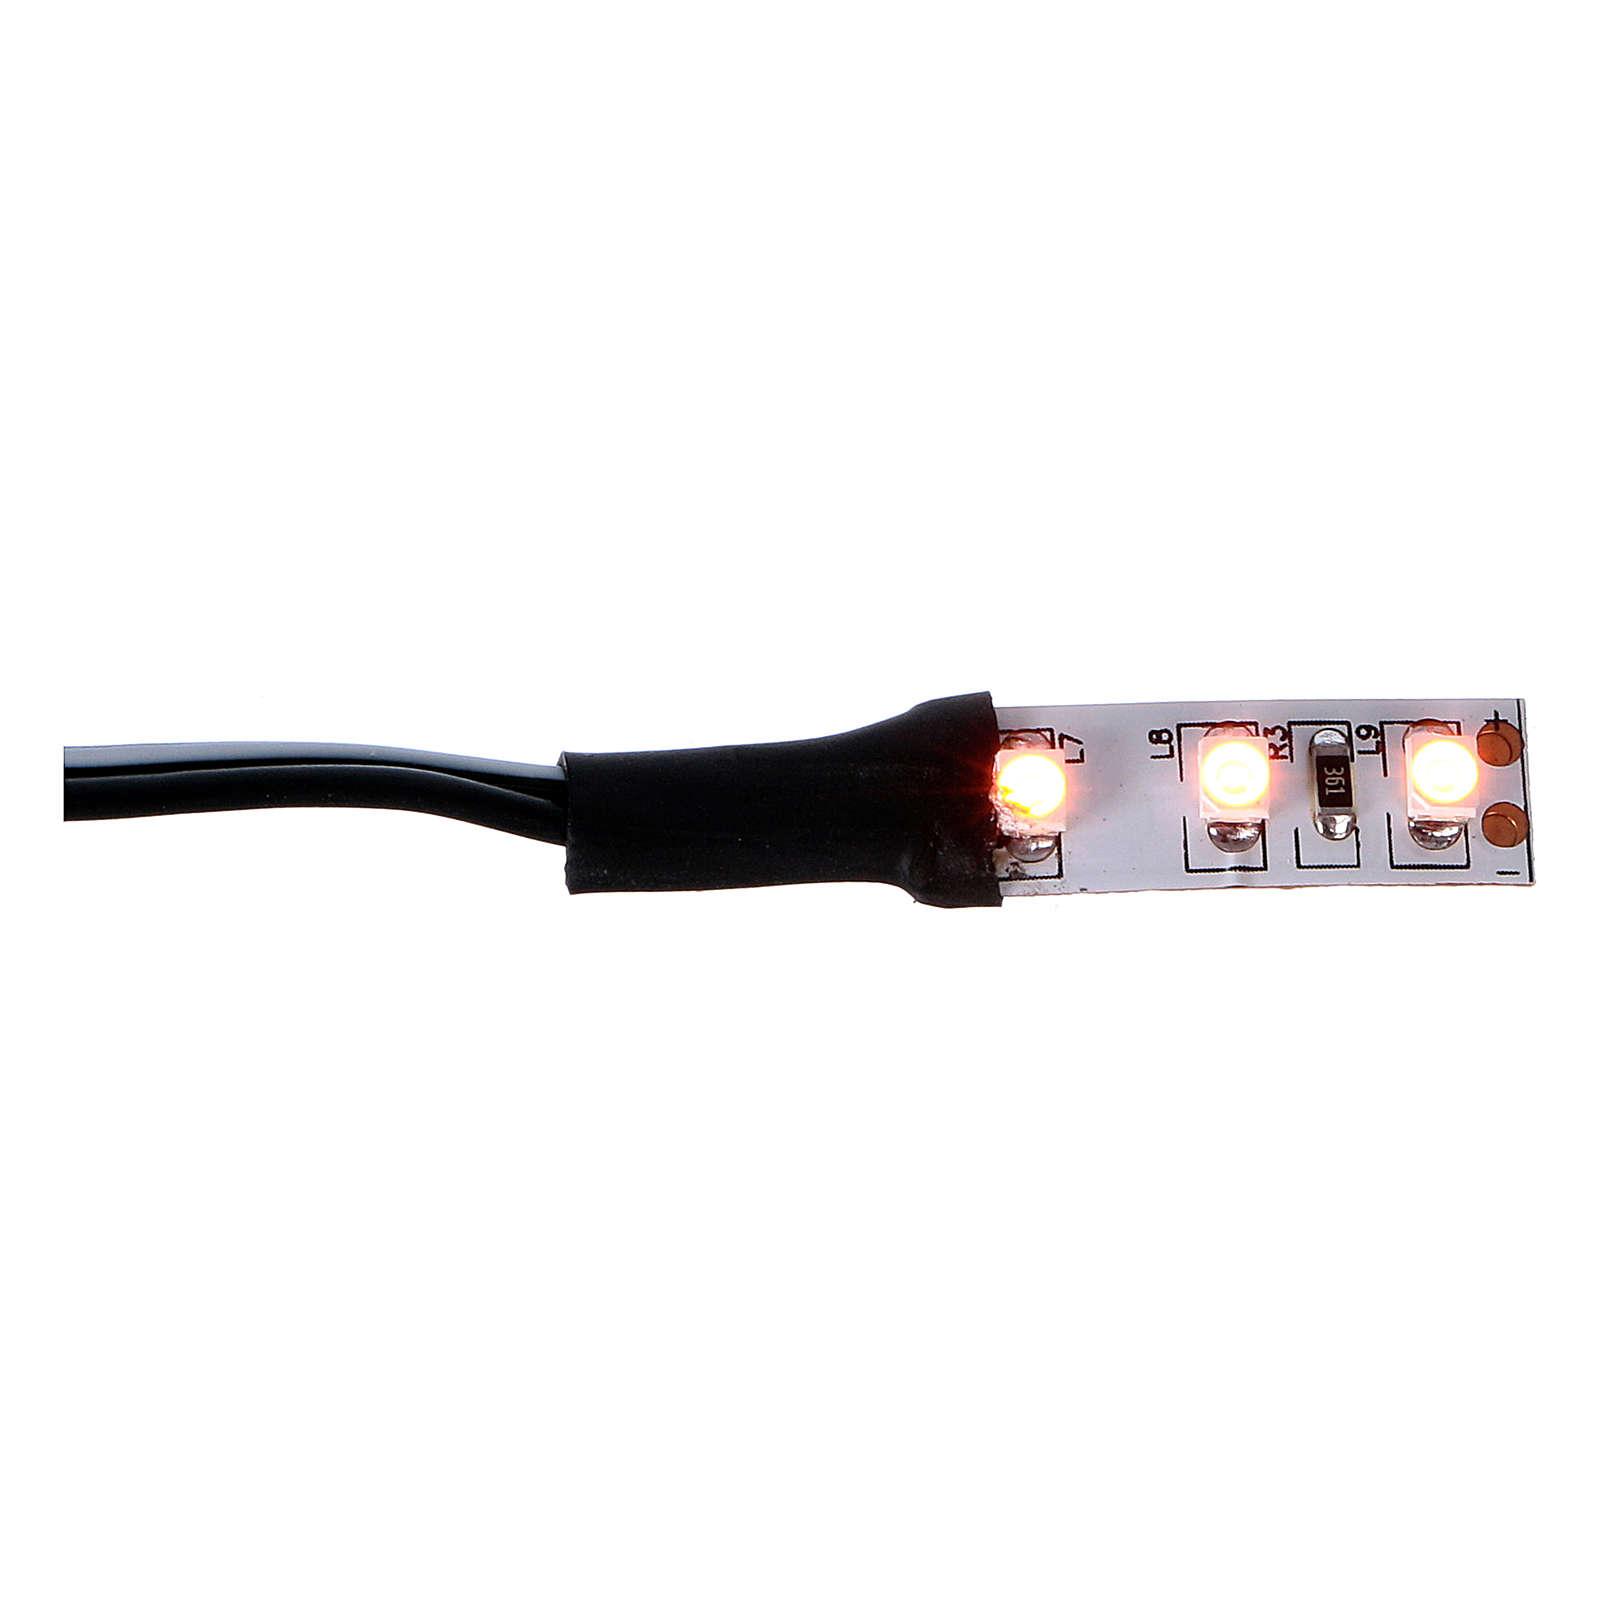 3 LEDs strip, orange light 12V 4 cm for Nativity scene 4